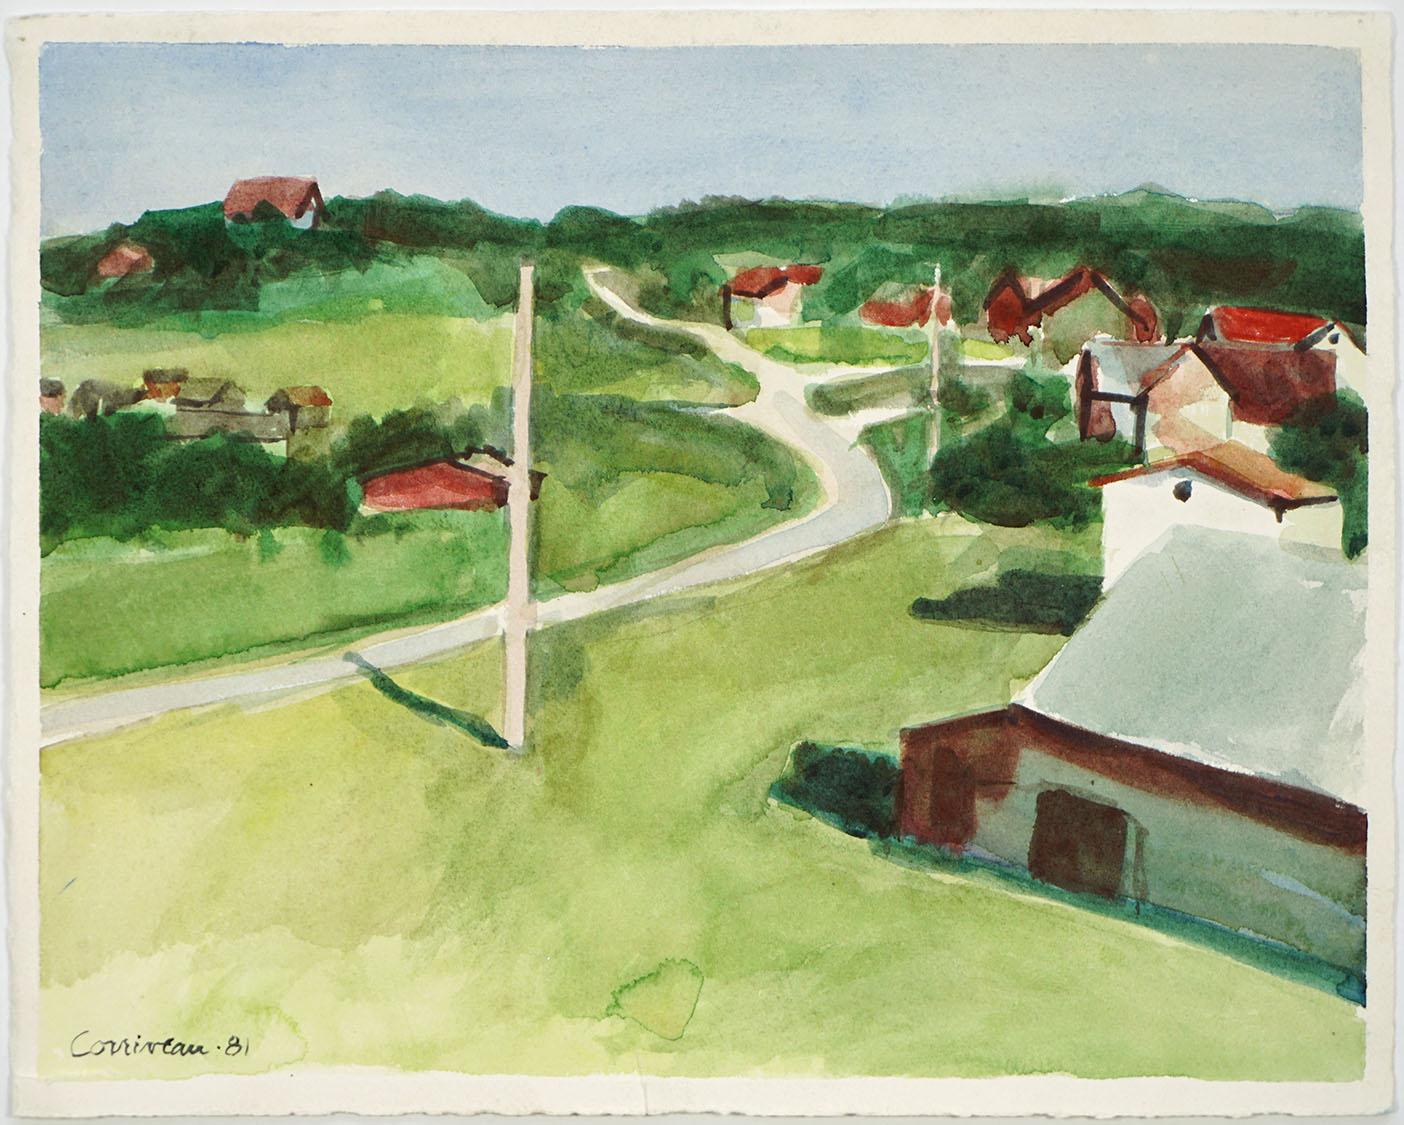 Village, 1981